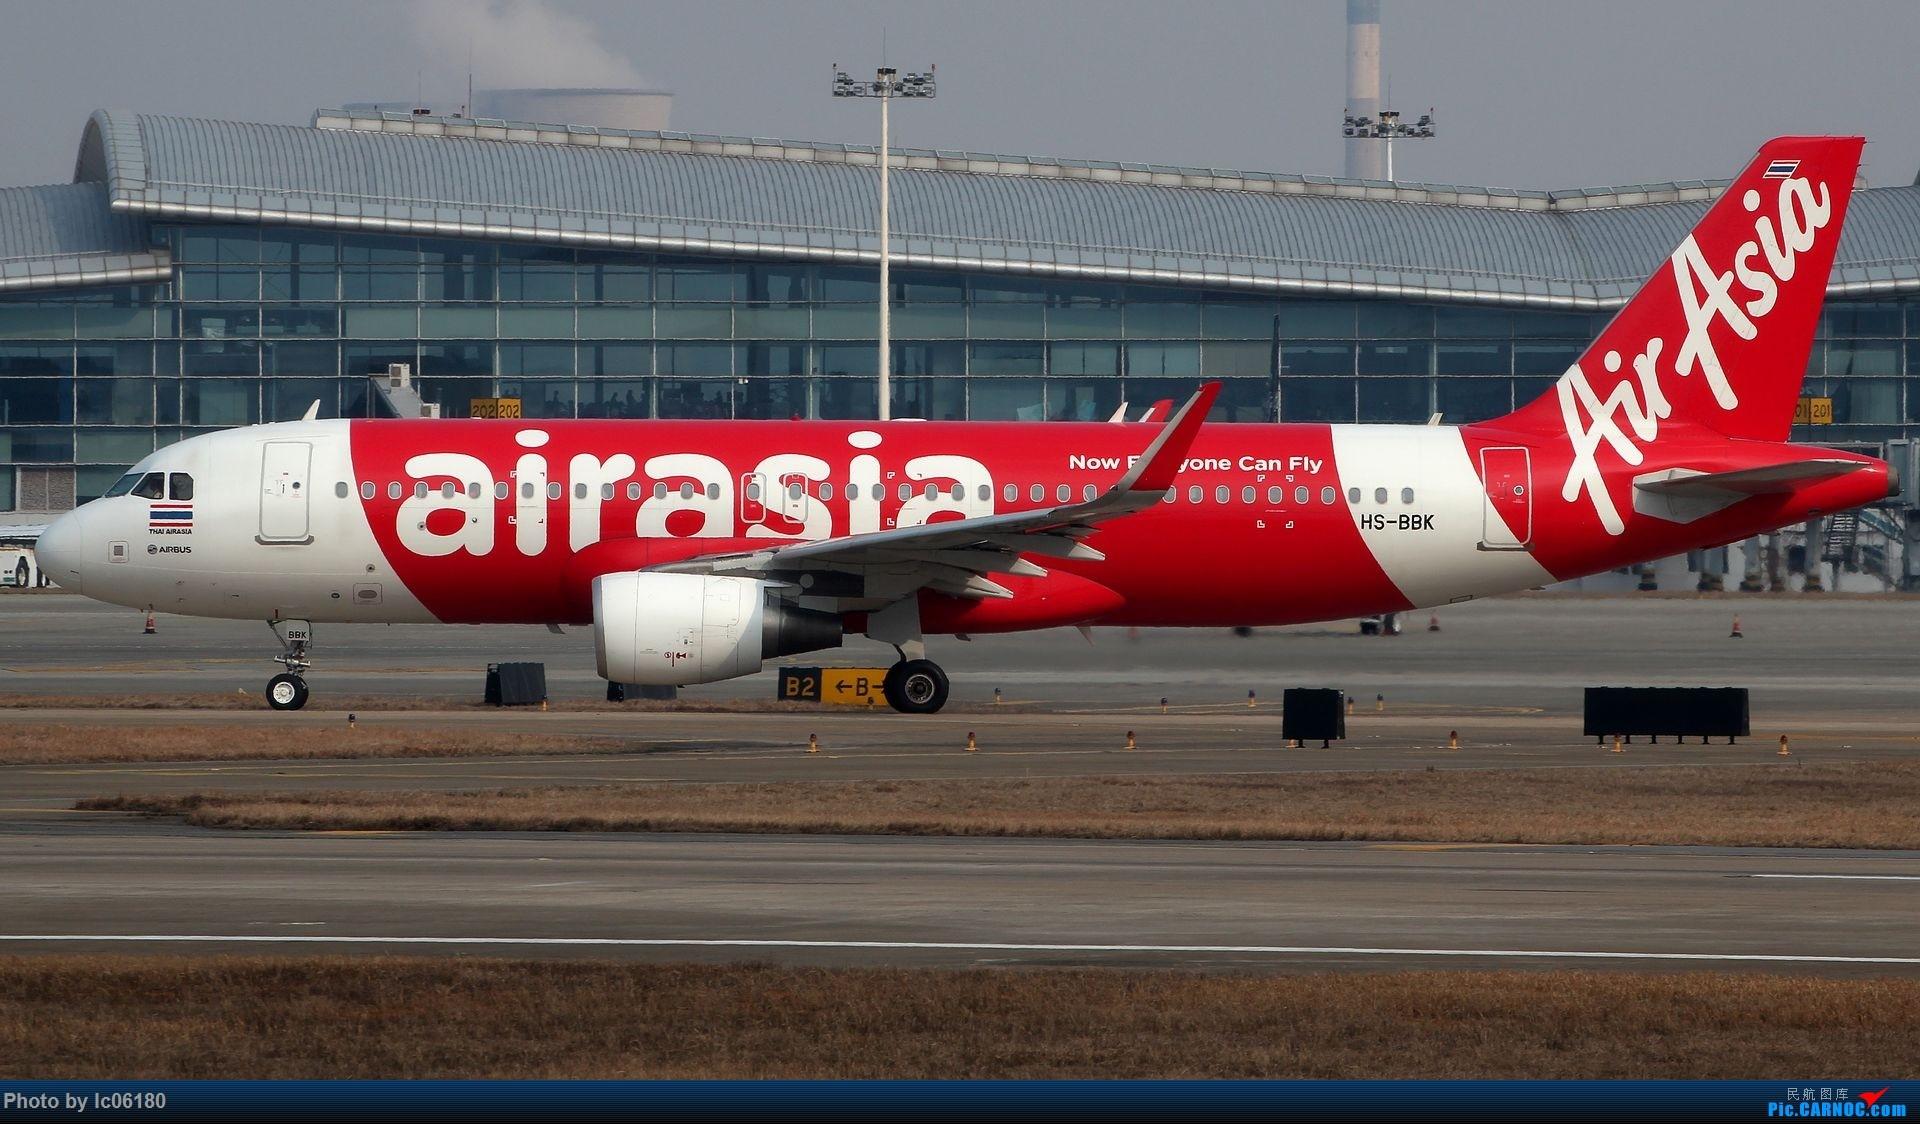 Re:[原创]『KHN』- 昌北的日常 AIRBUS A320-200 HS-BBK 中国南昌昌北国际机场